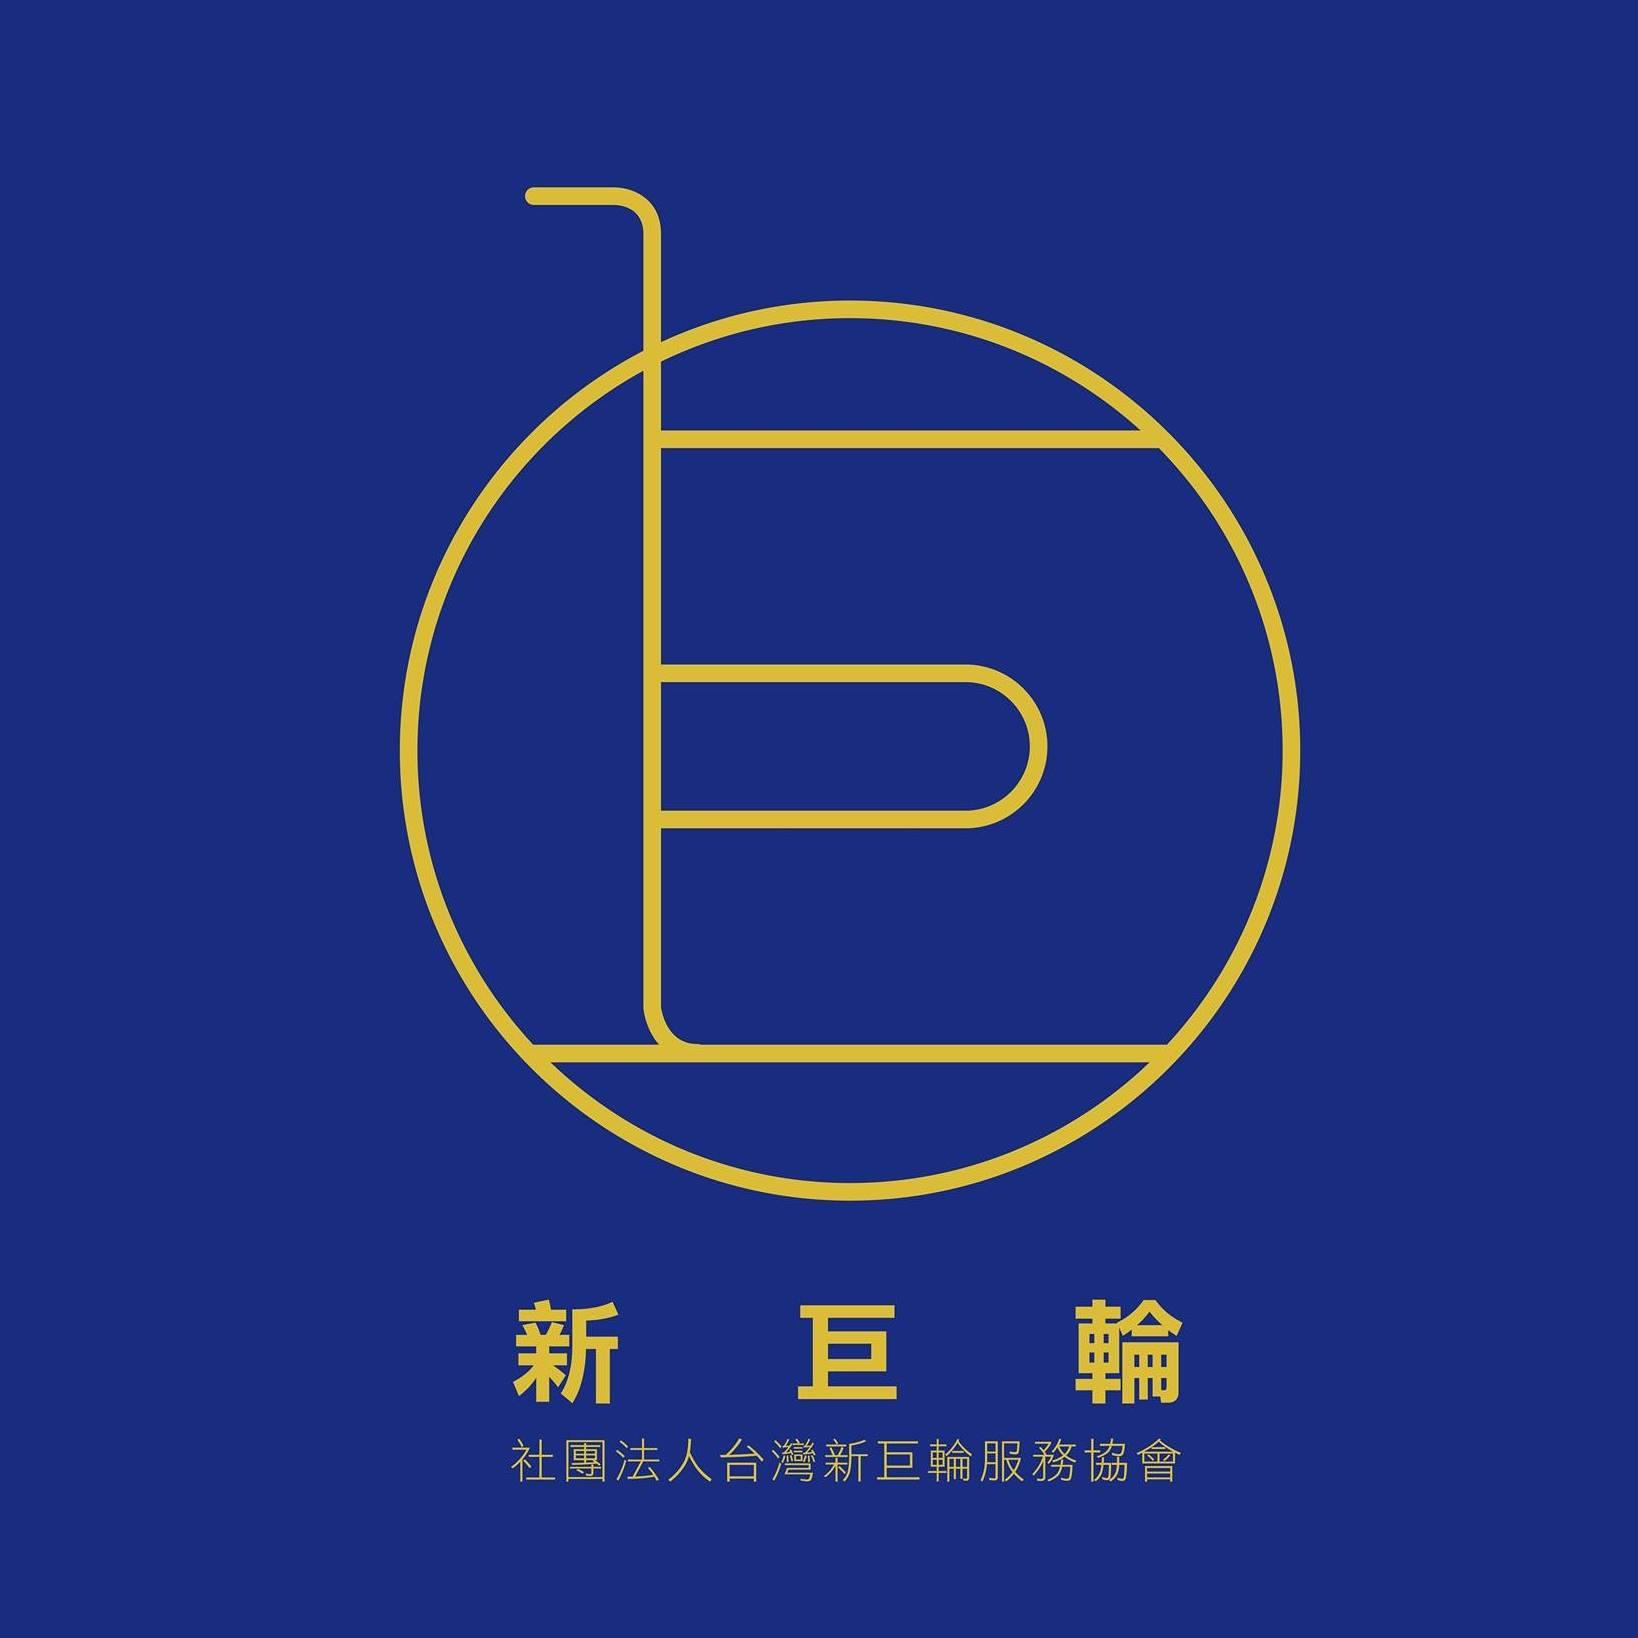 台灣新巨輪服務協會